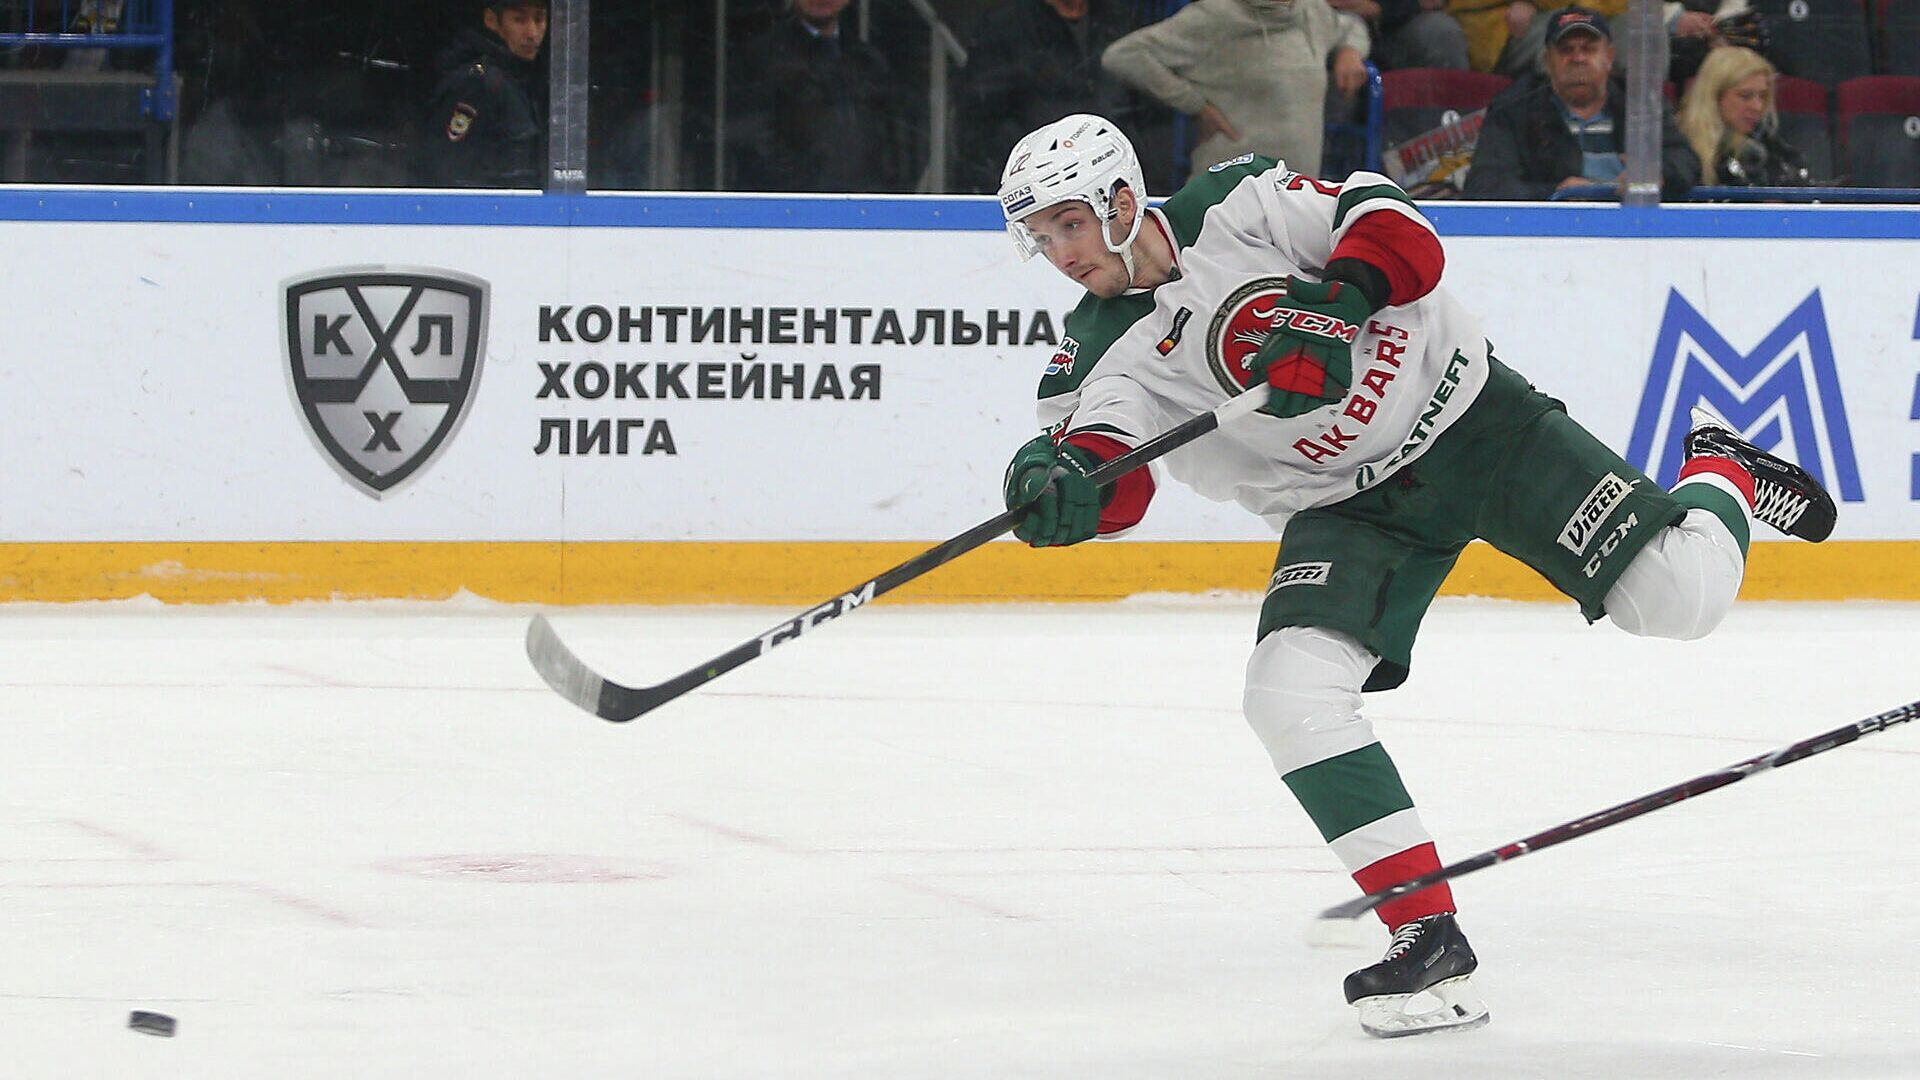 Игрок ХК Ак Барс Станислав Галиев - РИА Новости, 1920, 17.04.2021